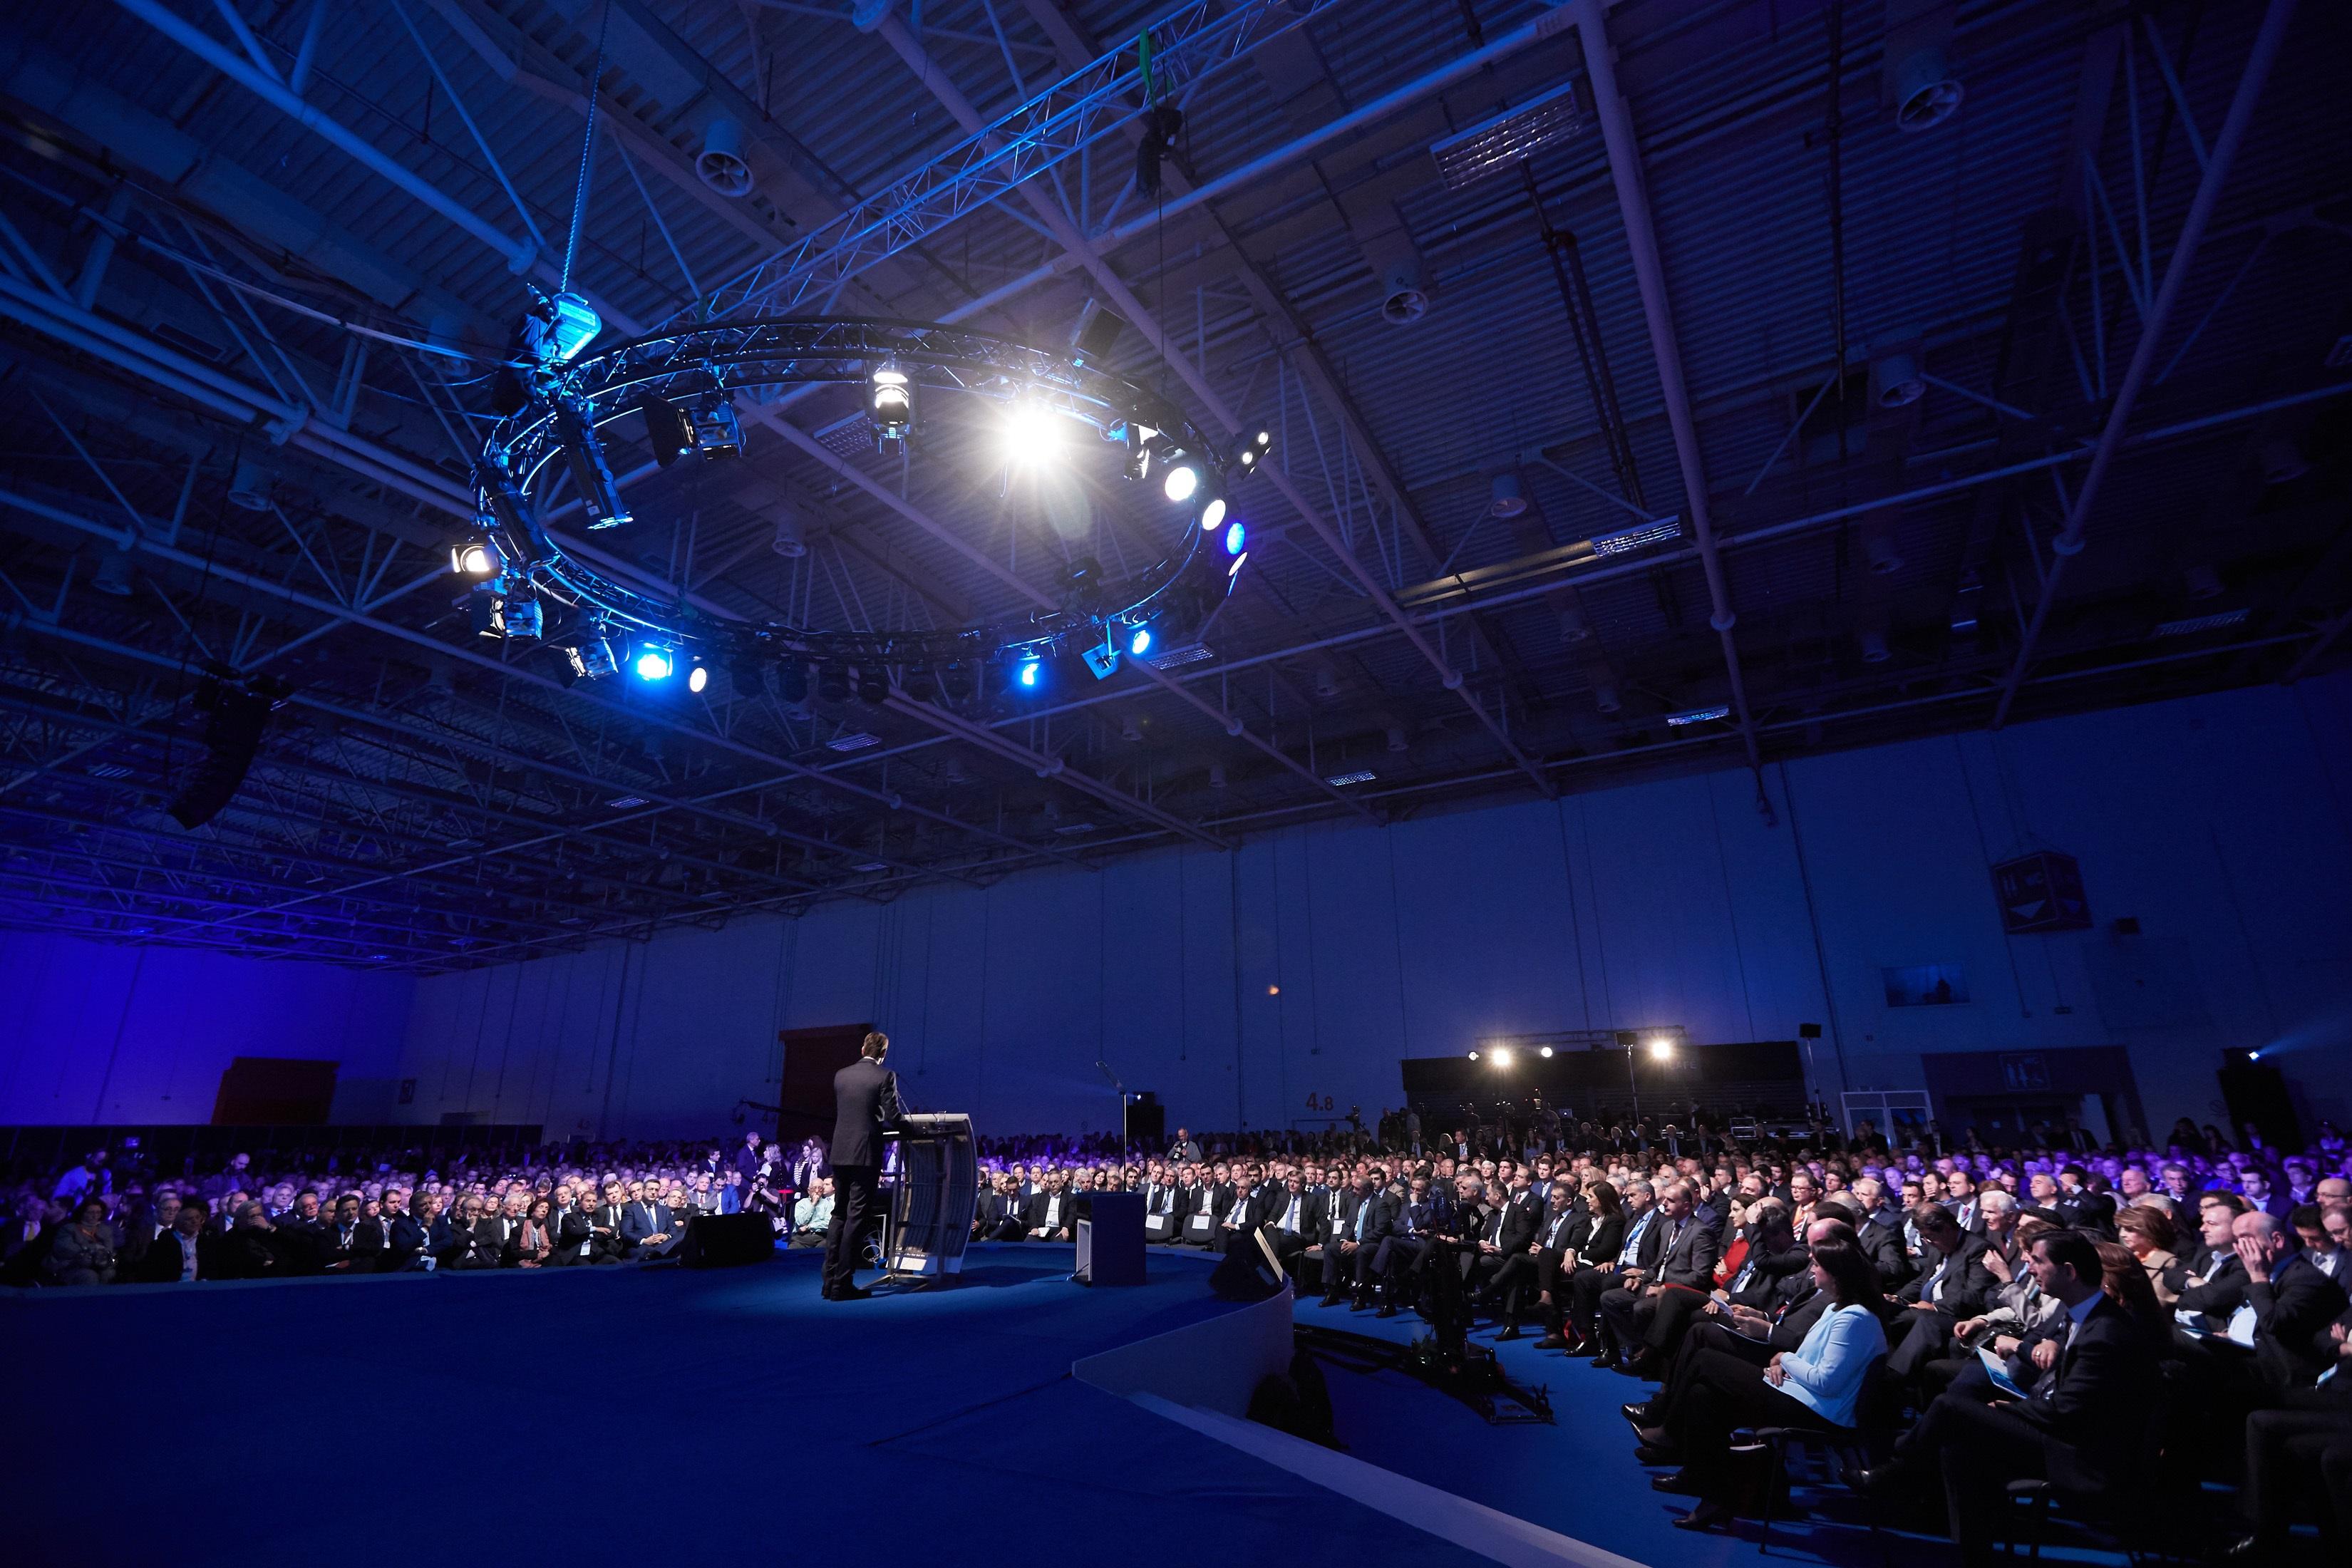 Όλα για το 13ο Συνέδριο της ΝΔ που ξεκινάει απόψε - Οι διεθνείς παρουσίες, η ανακύκλωση και ο νυχτερινός αγώνας δρόμου!